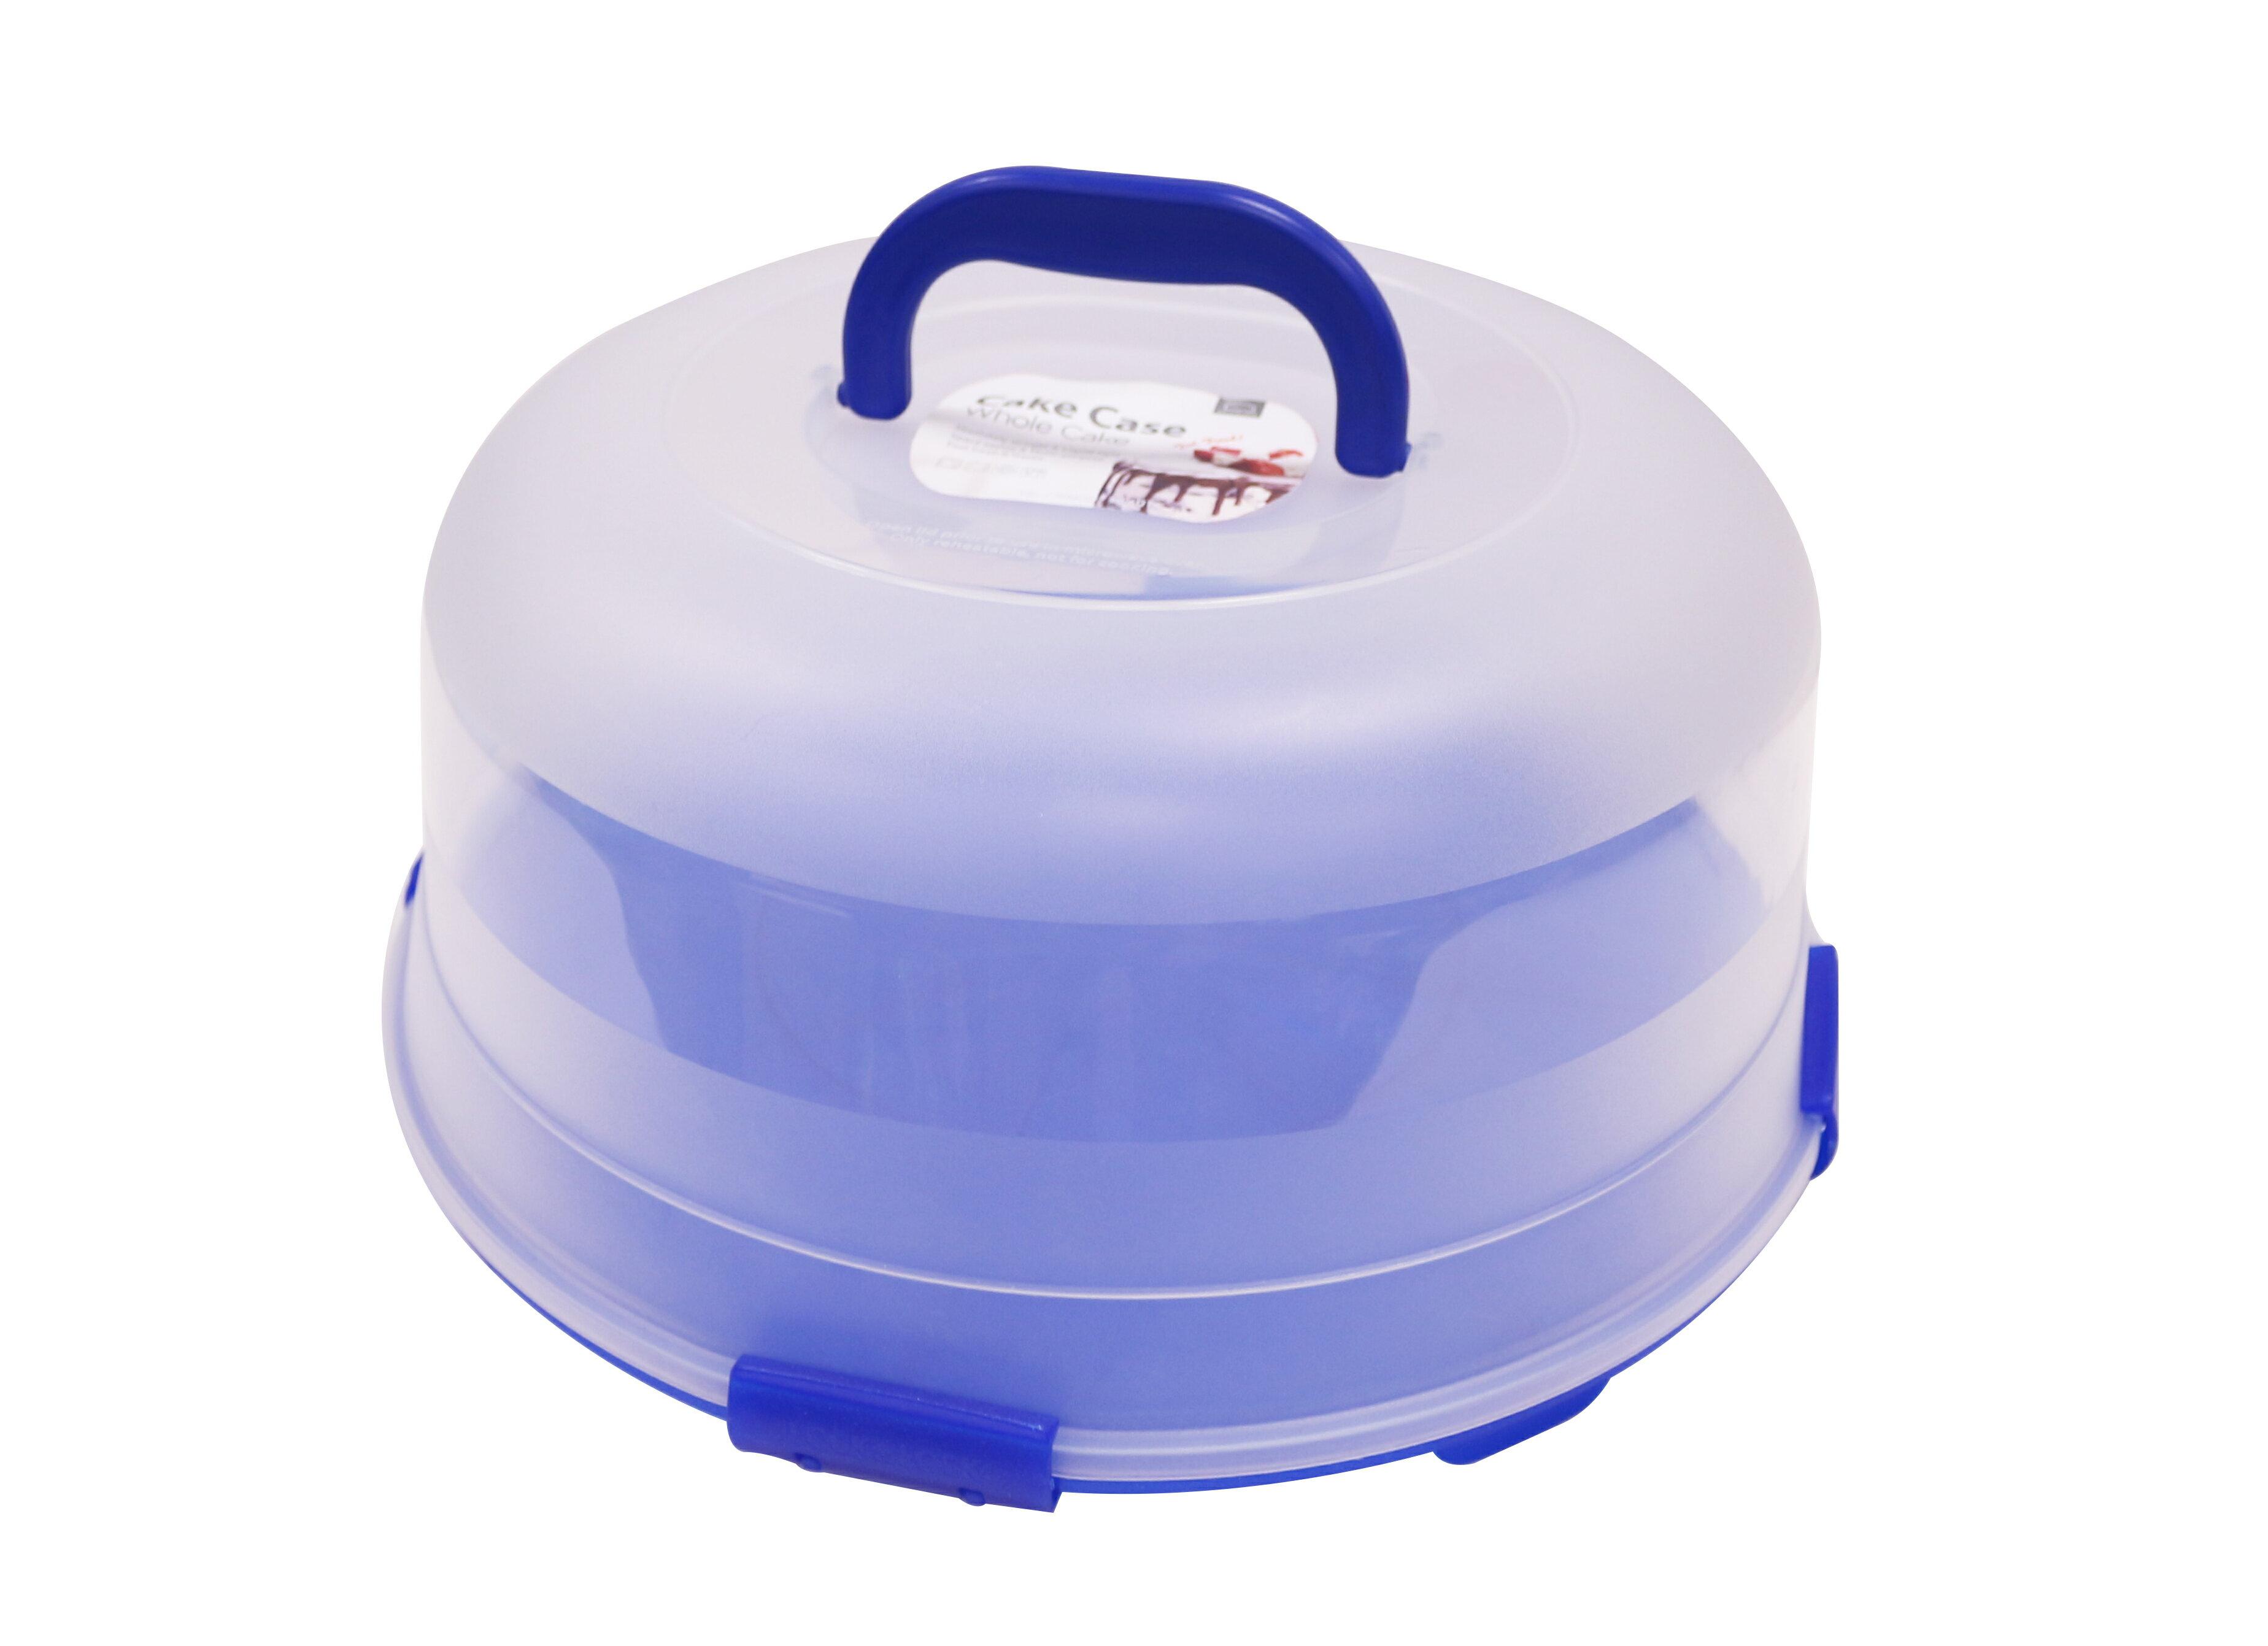 🌟現貨🌟樂扣樂扣派對蛋糕手提保鮮盒10公升(HLS110A) 樂扣蛋糕盒 樂扣吐司盒 樂扣手提蛋糕盒 水果保鮮盒 蛋糕盒 蛋糕保鮮盒